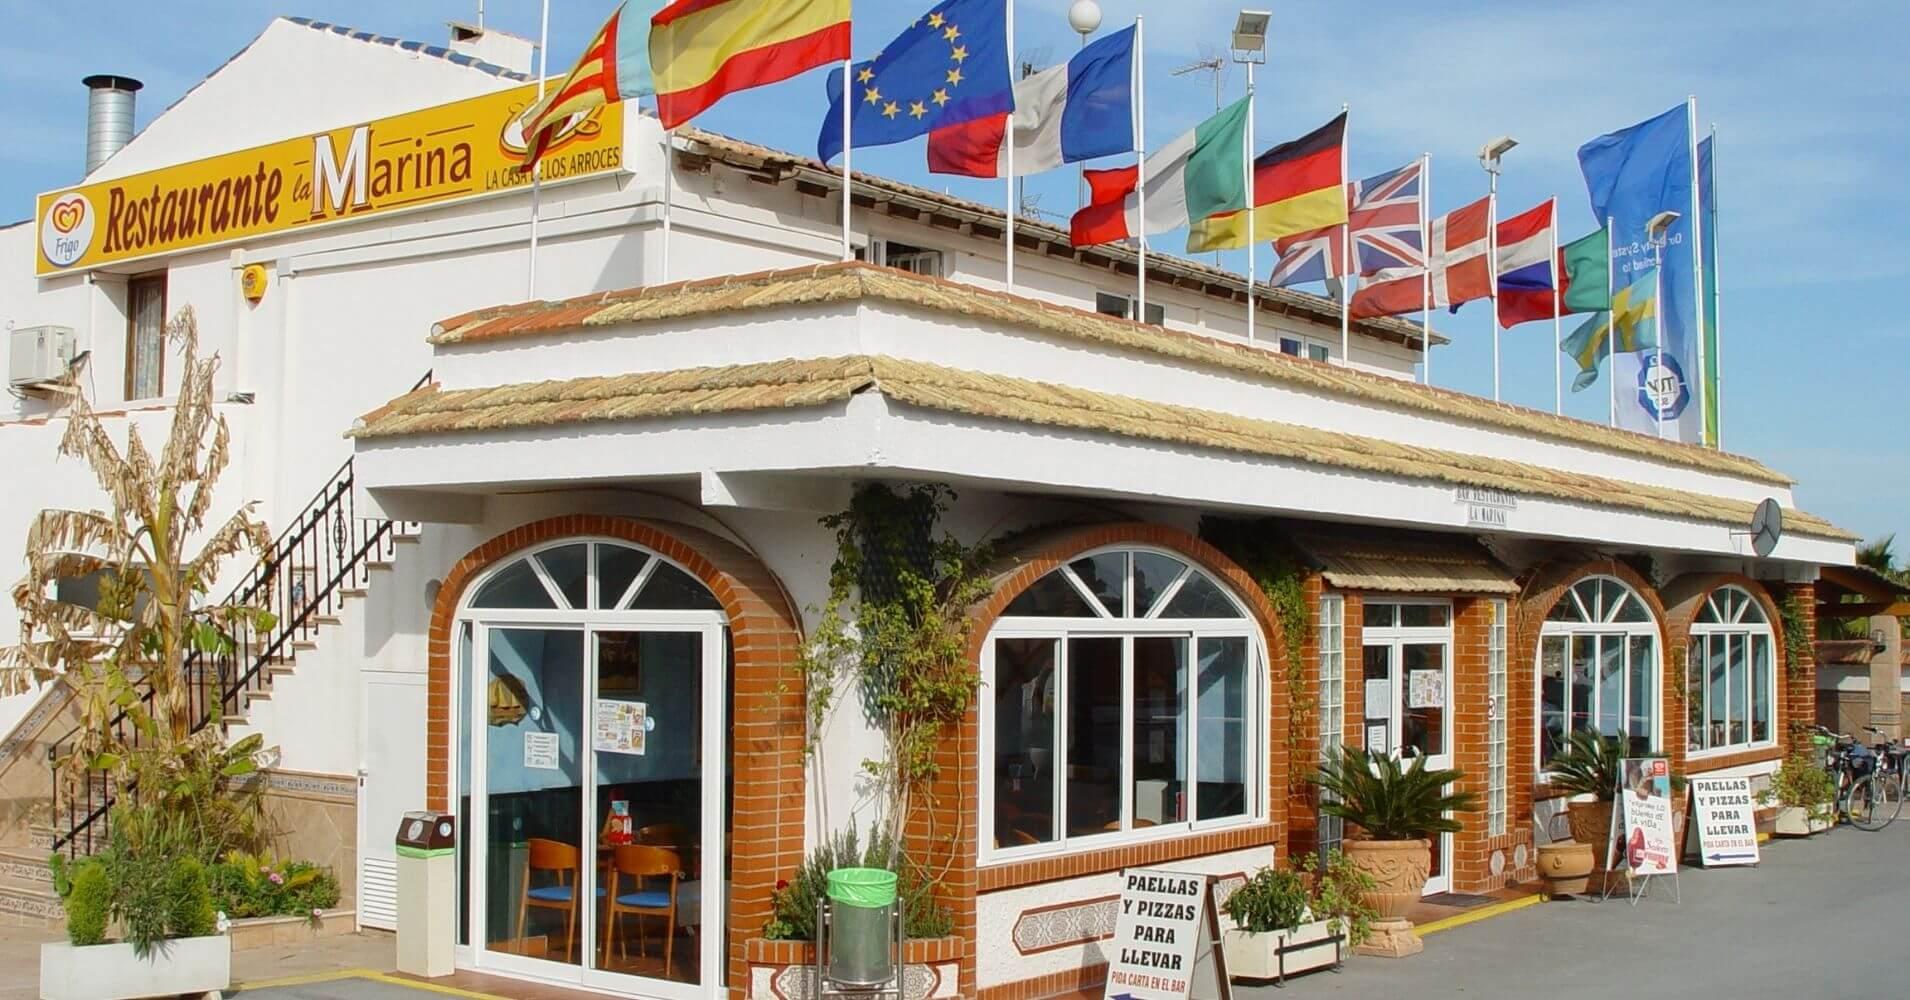 Restaurante del Resort. Elche. Alicante. Comunidad Valenciana. España.